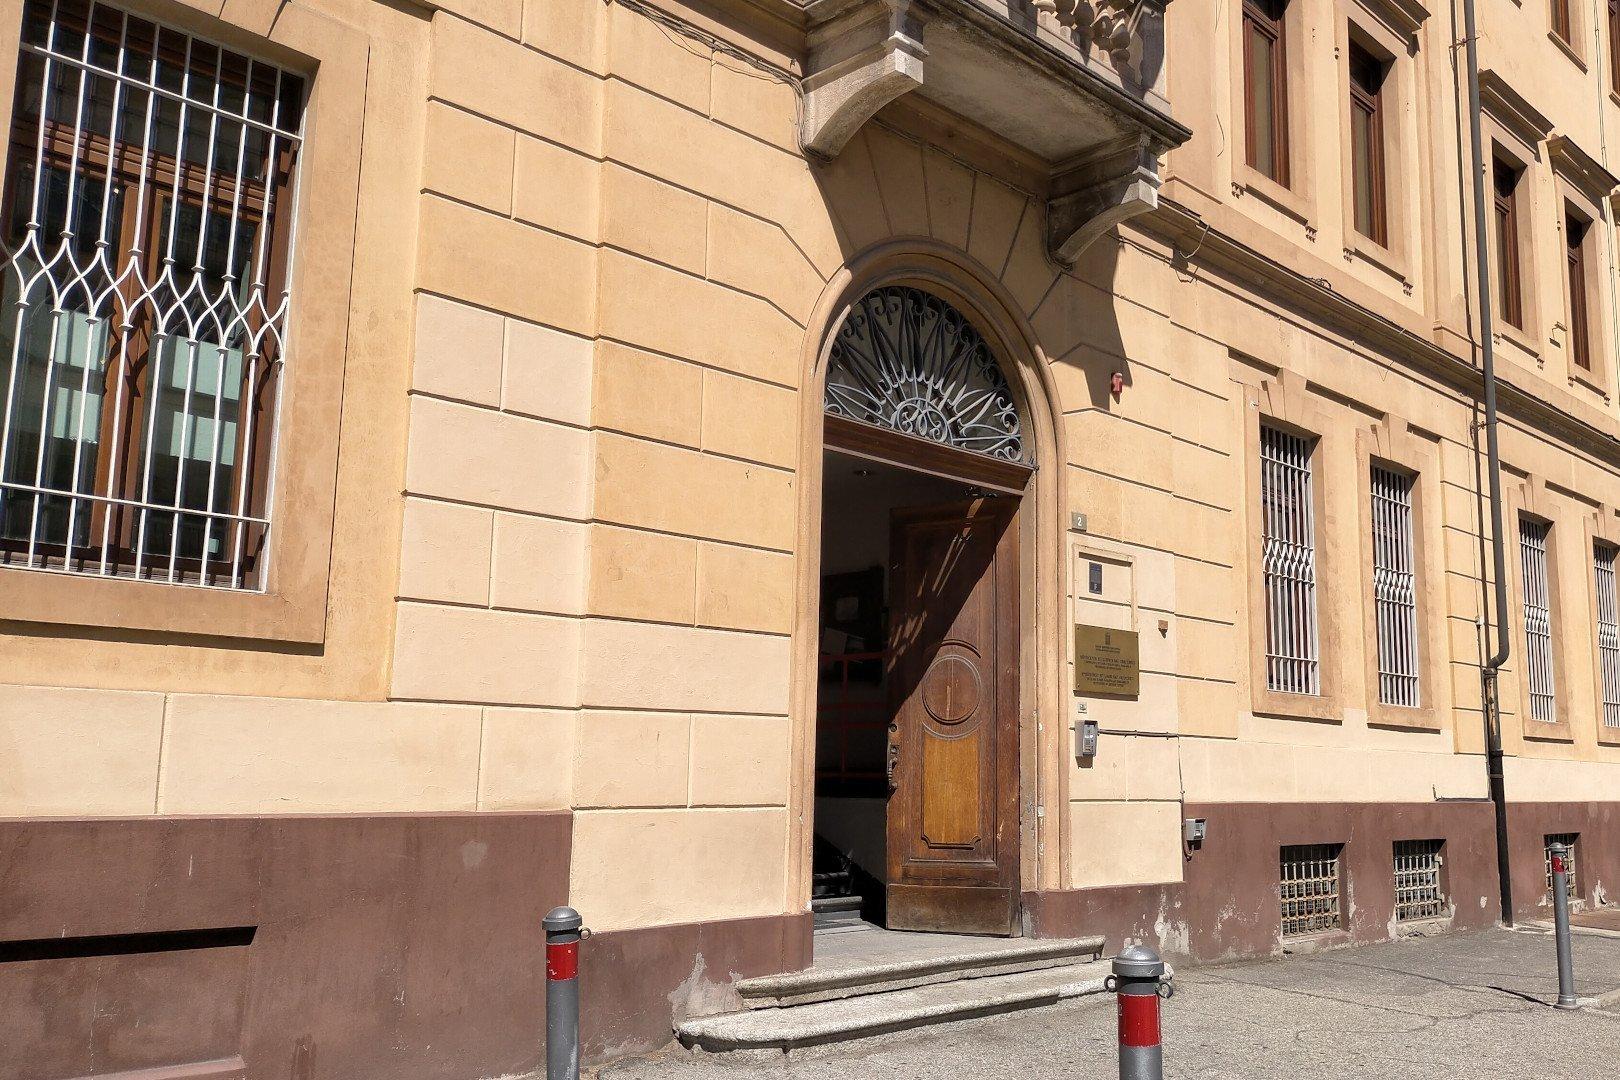 La scuola 'San Francesco' di Aosta con il portone nuovamente aperto